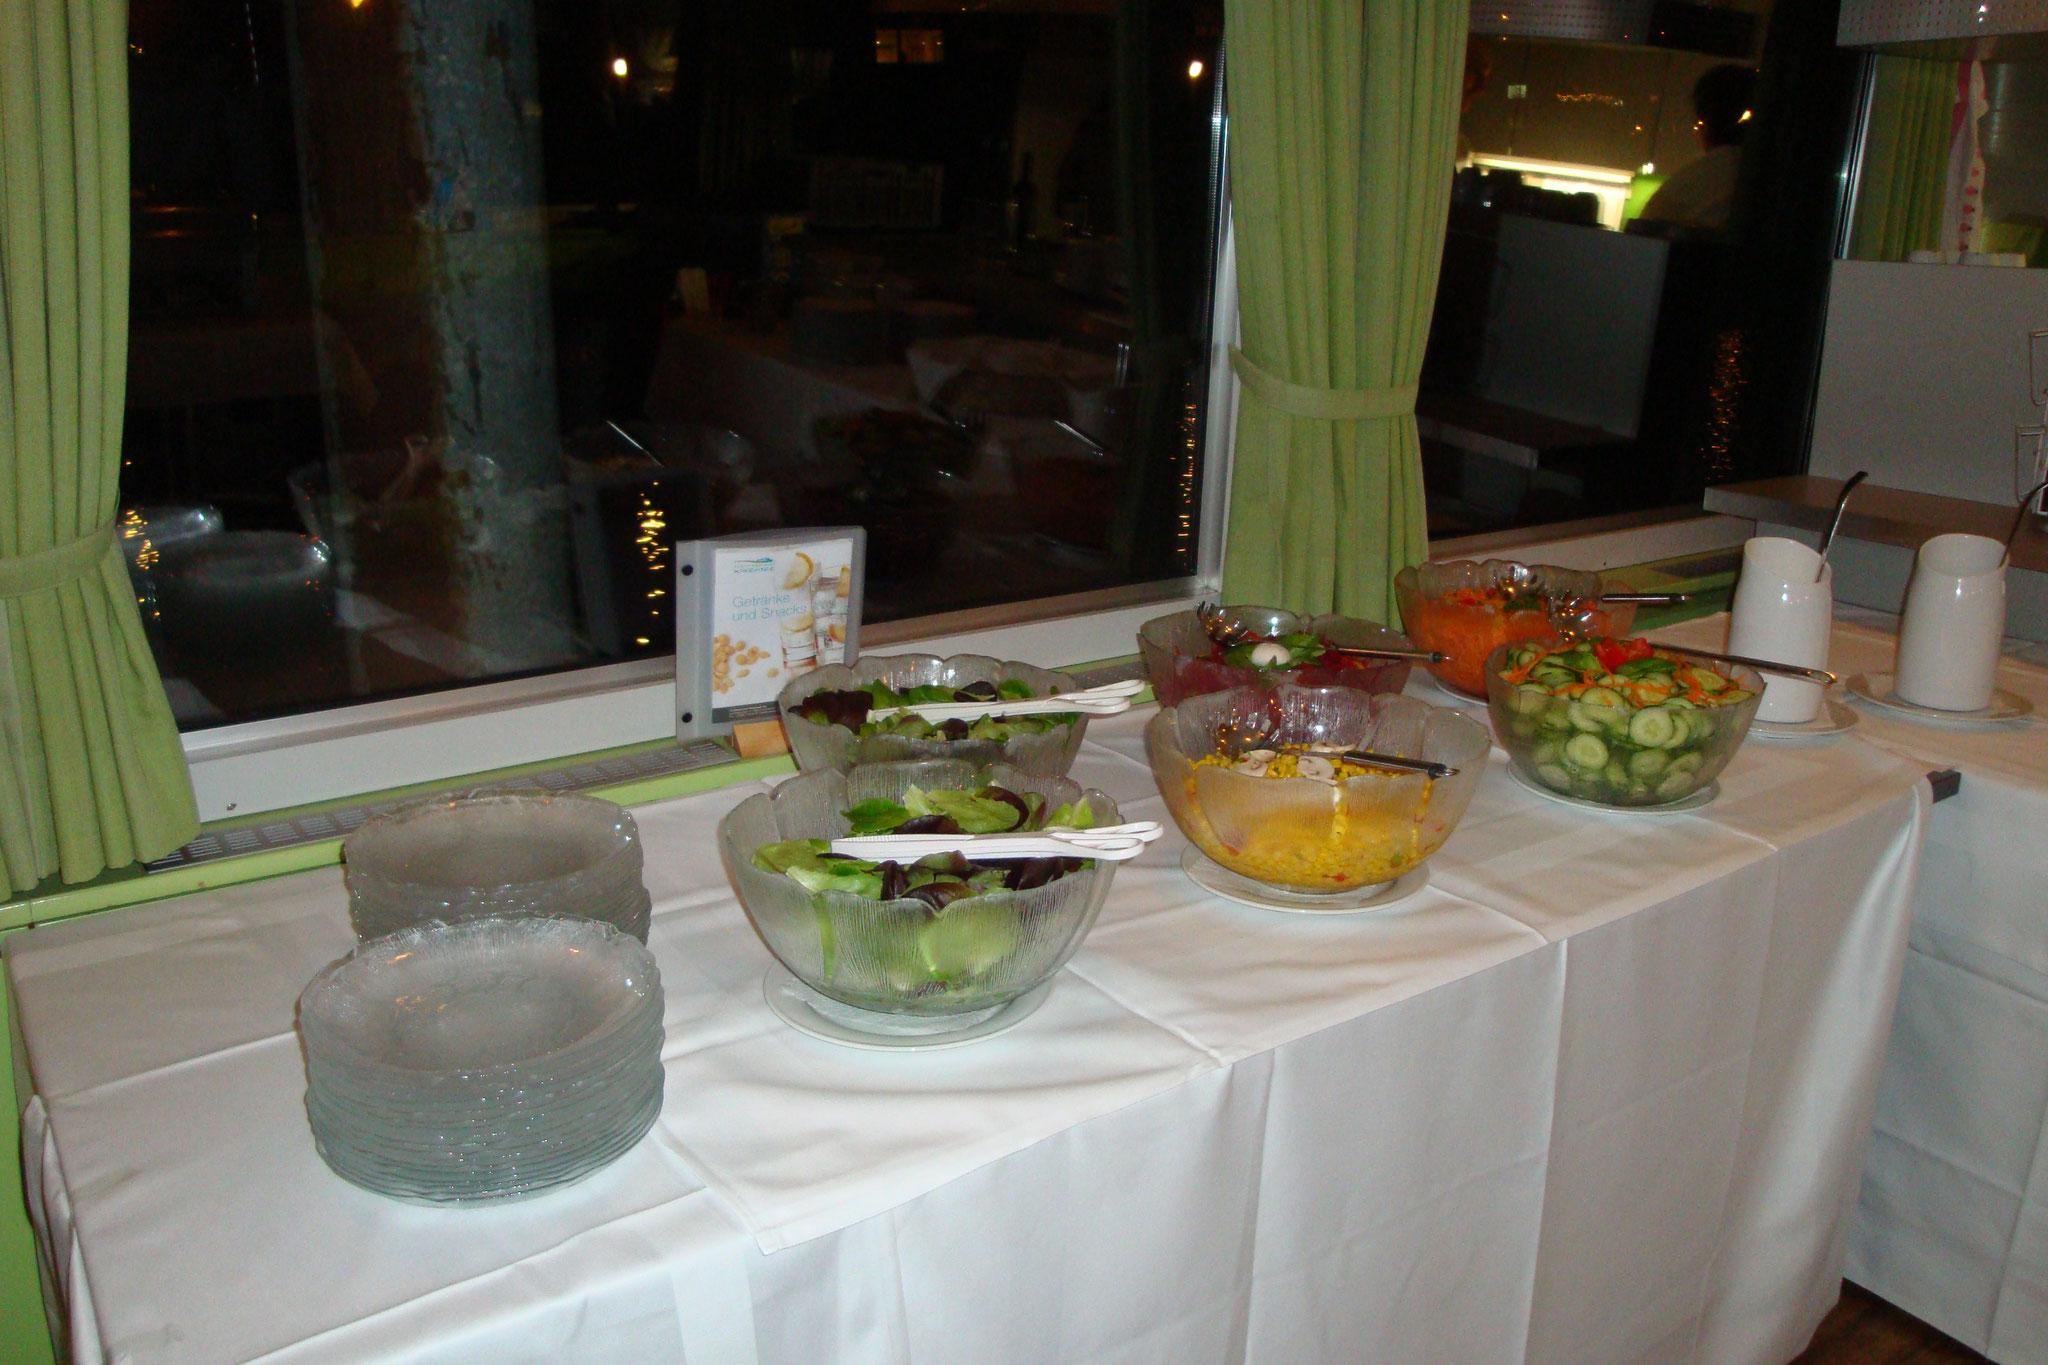 ... und das Salatbuffet ist schon angerichtet.